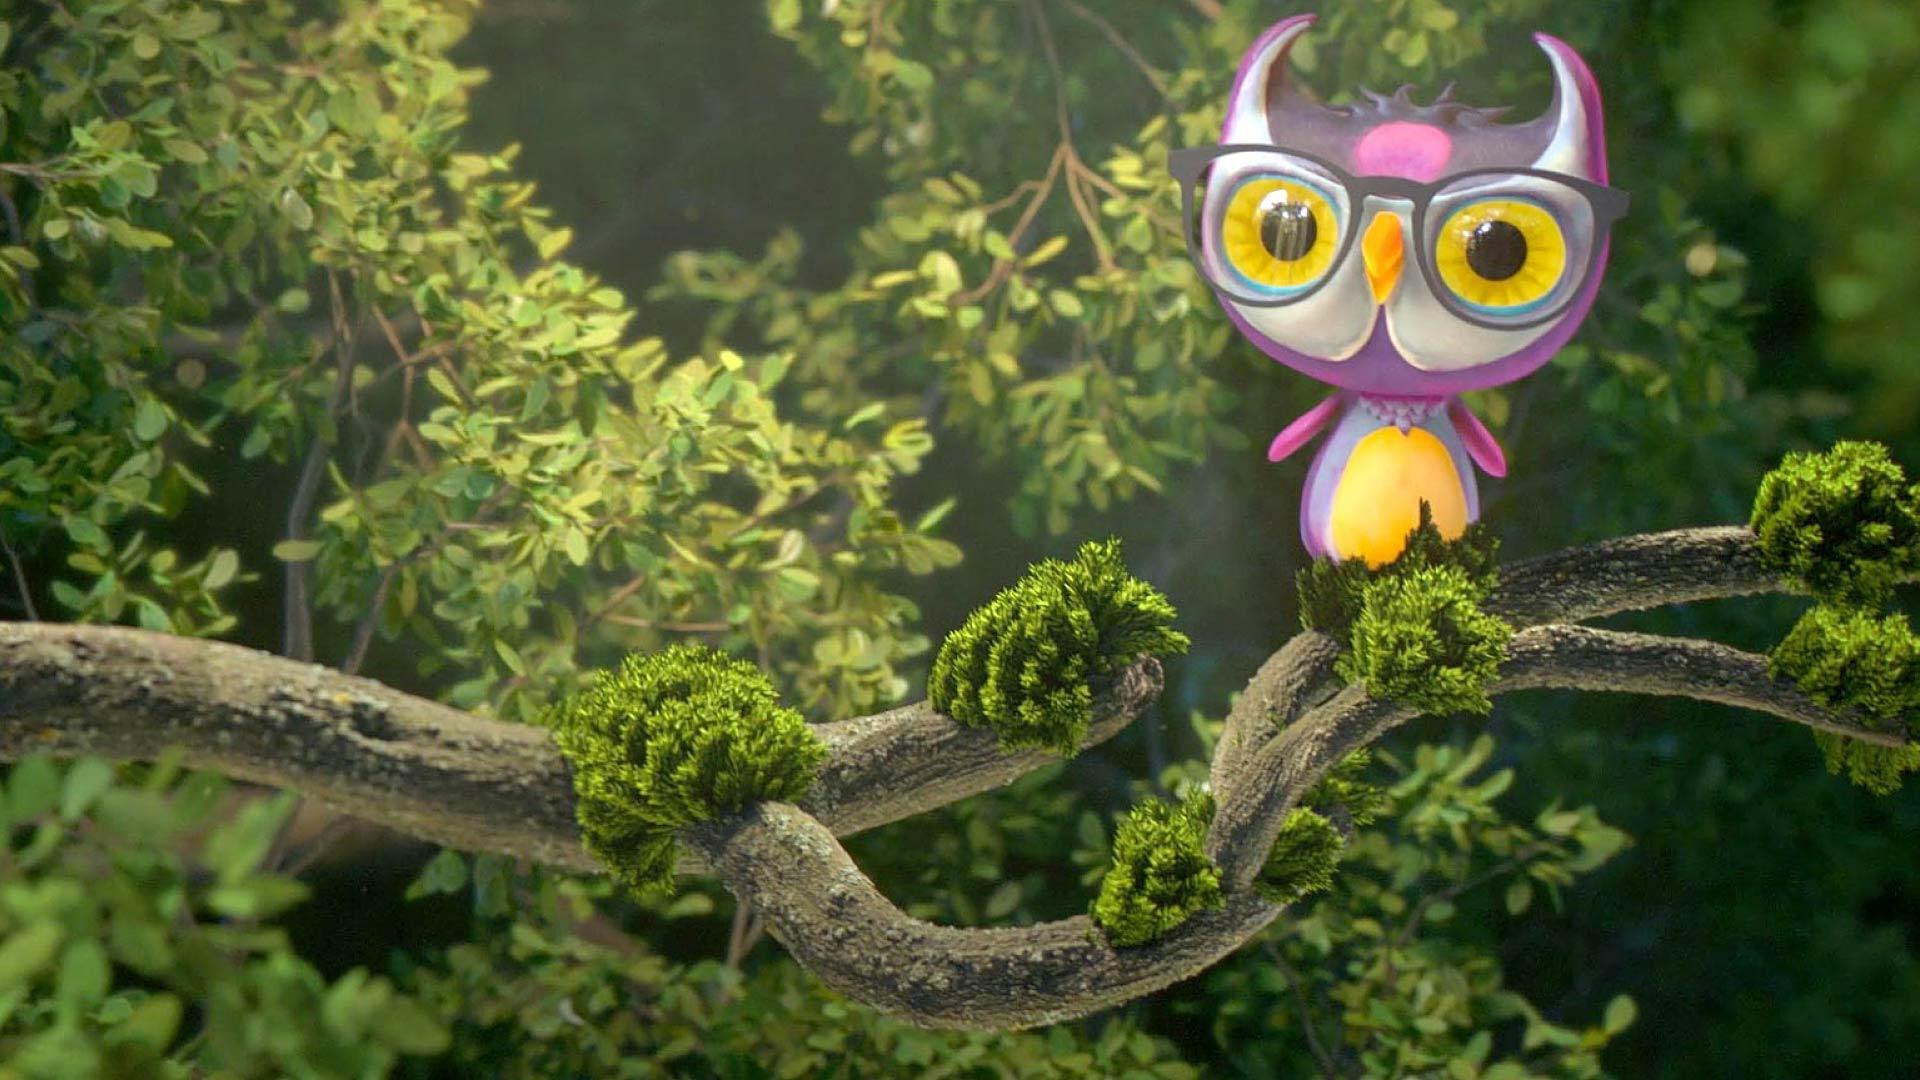 Ilmaiset silmälasit ekaluokkalaiselle